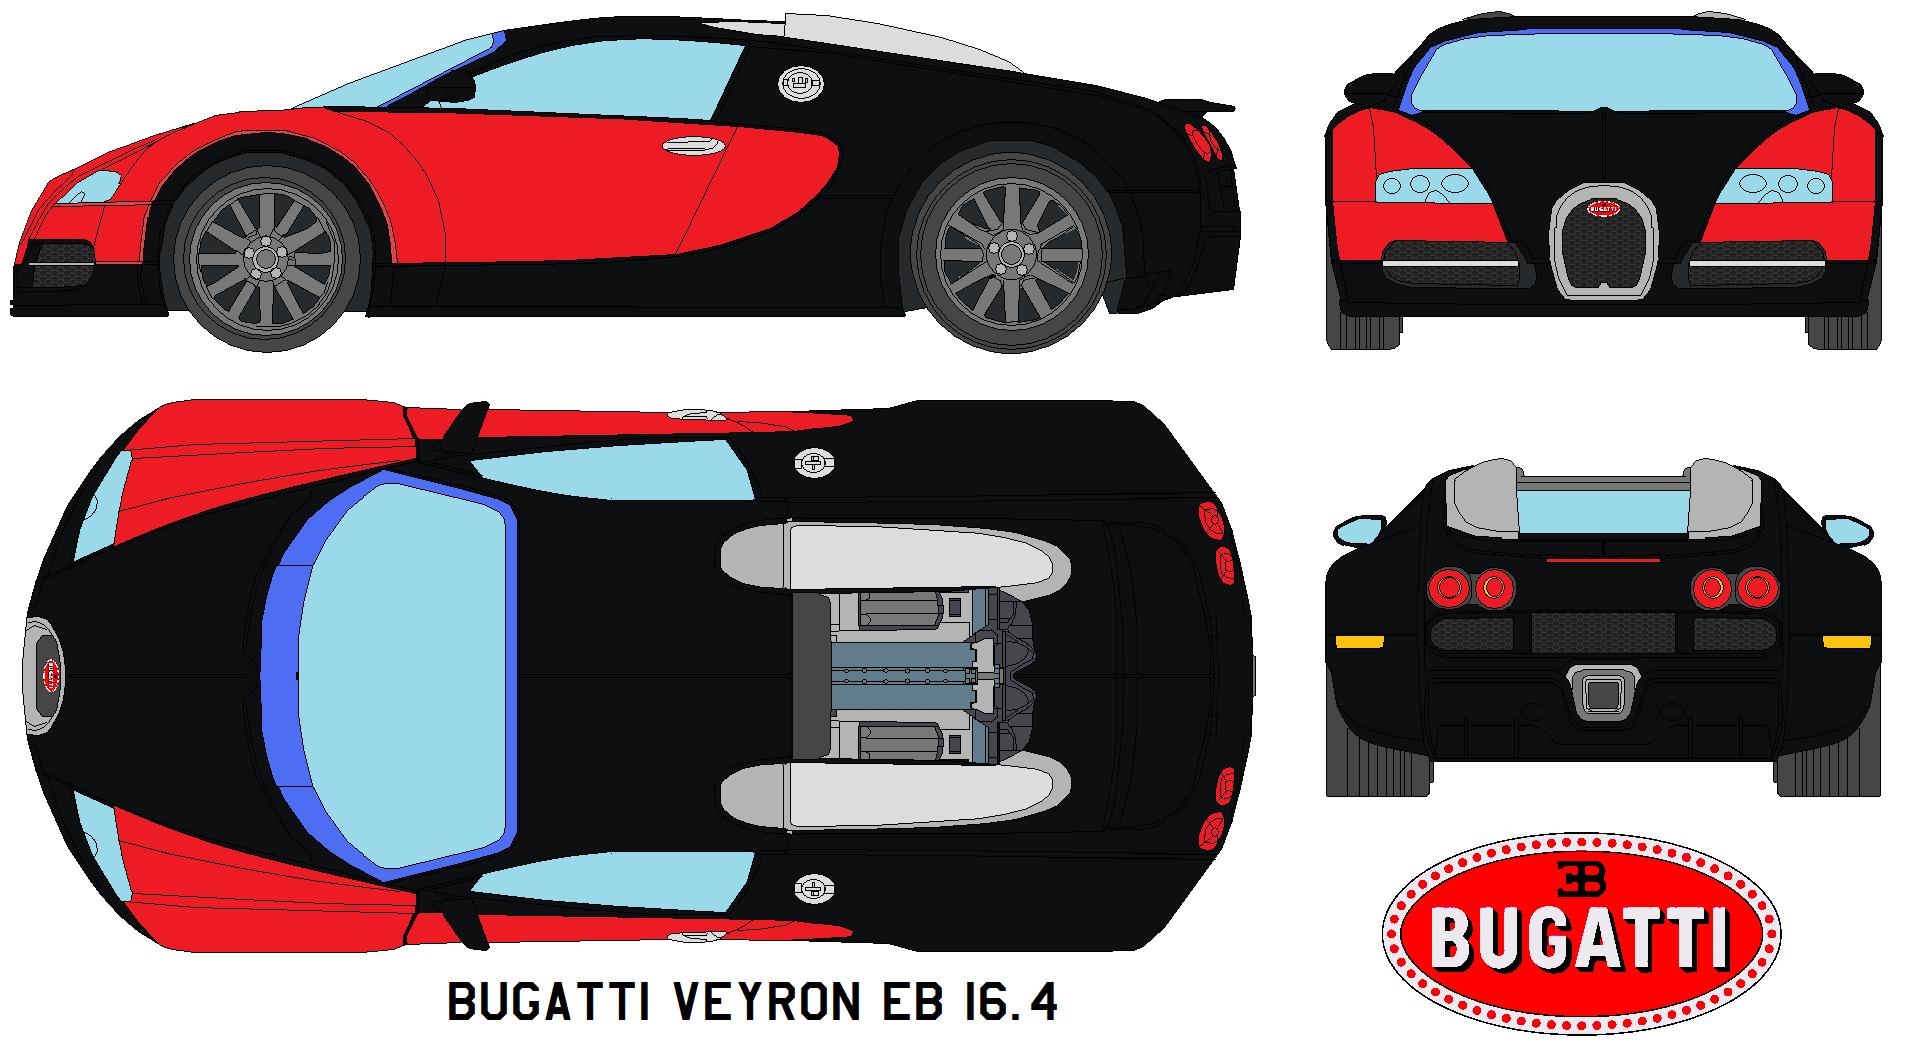 Bugatti Veyron EB 16.4 by bagera3005 on DeviantArt